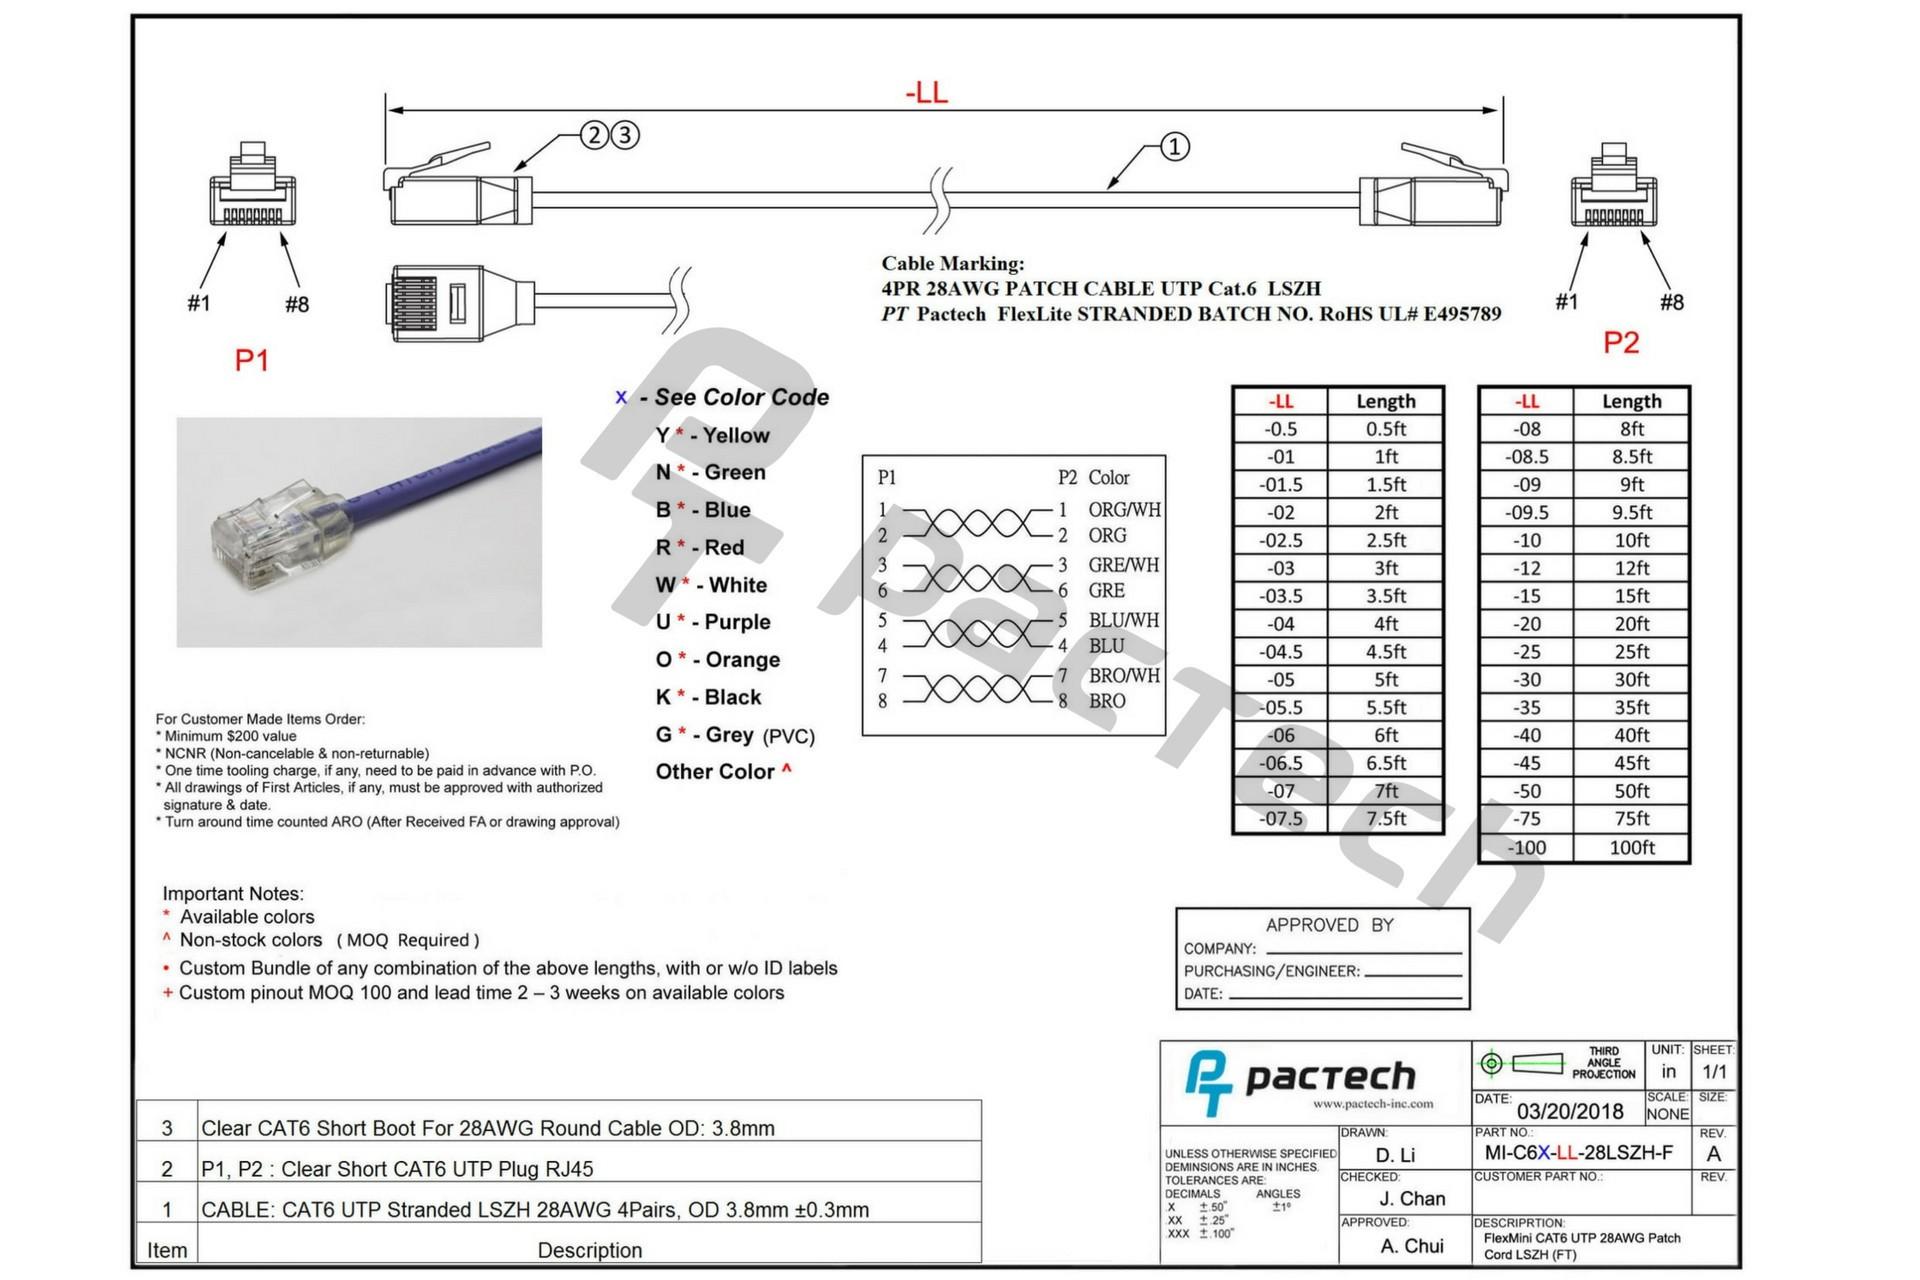 spdt relay datasheet pdf